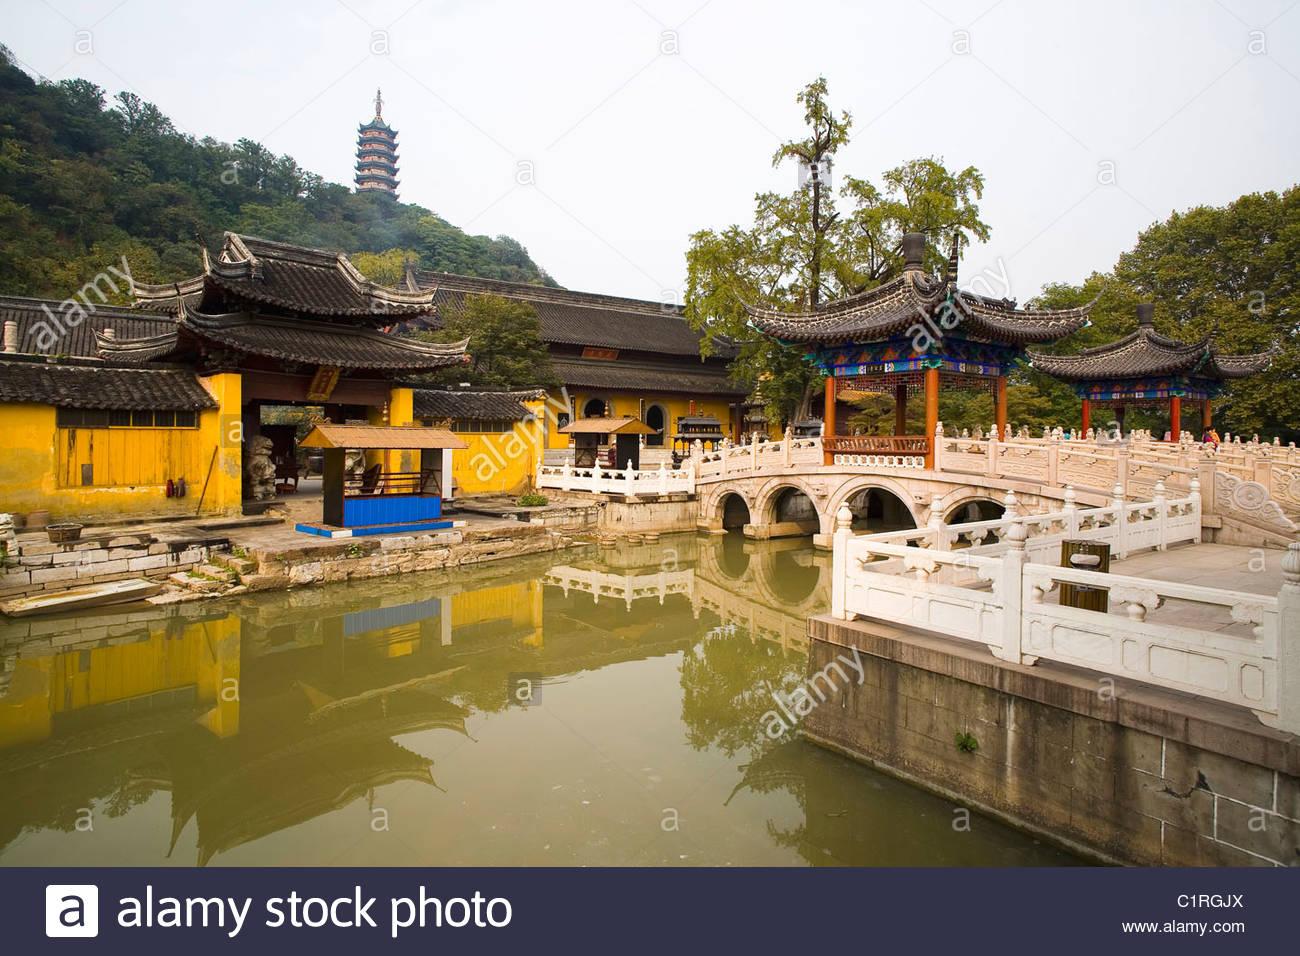 zhenjiang jiangsu china